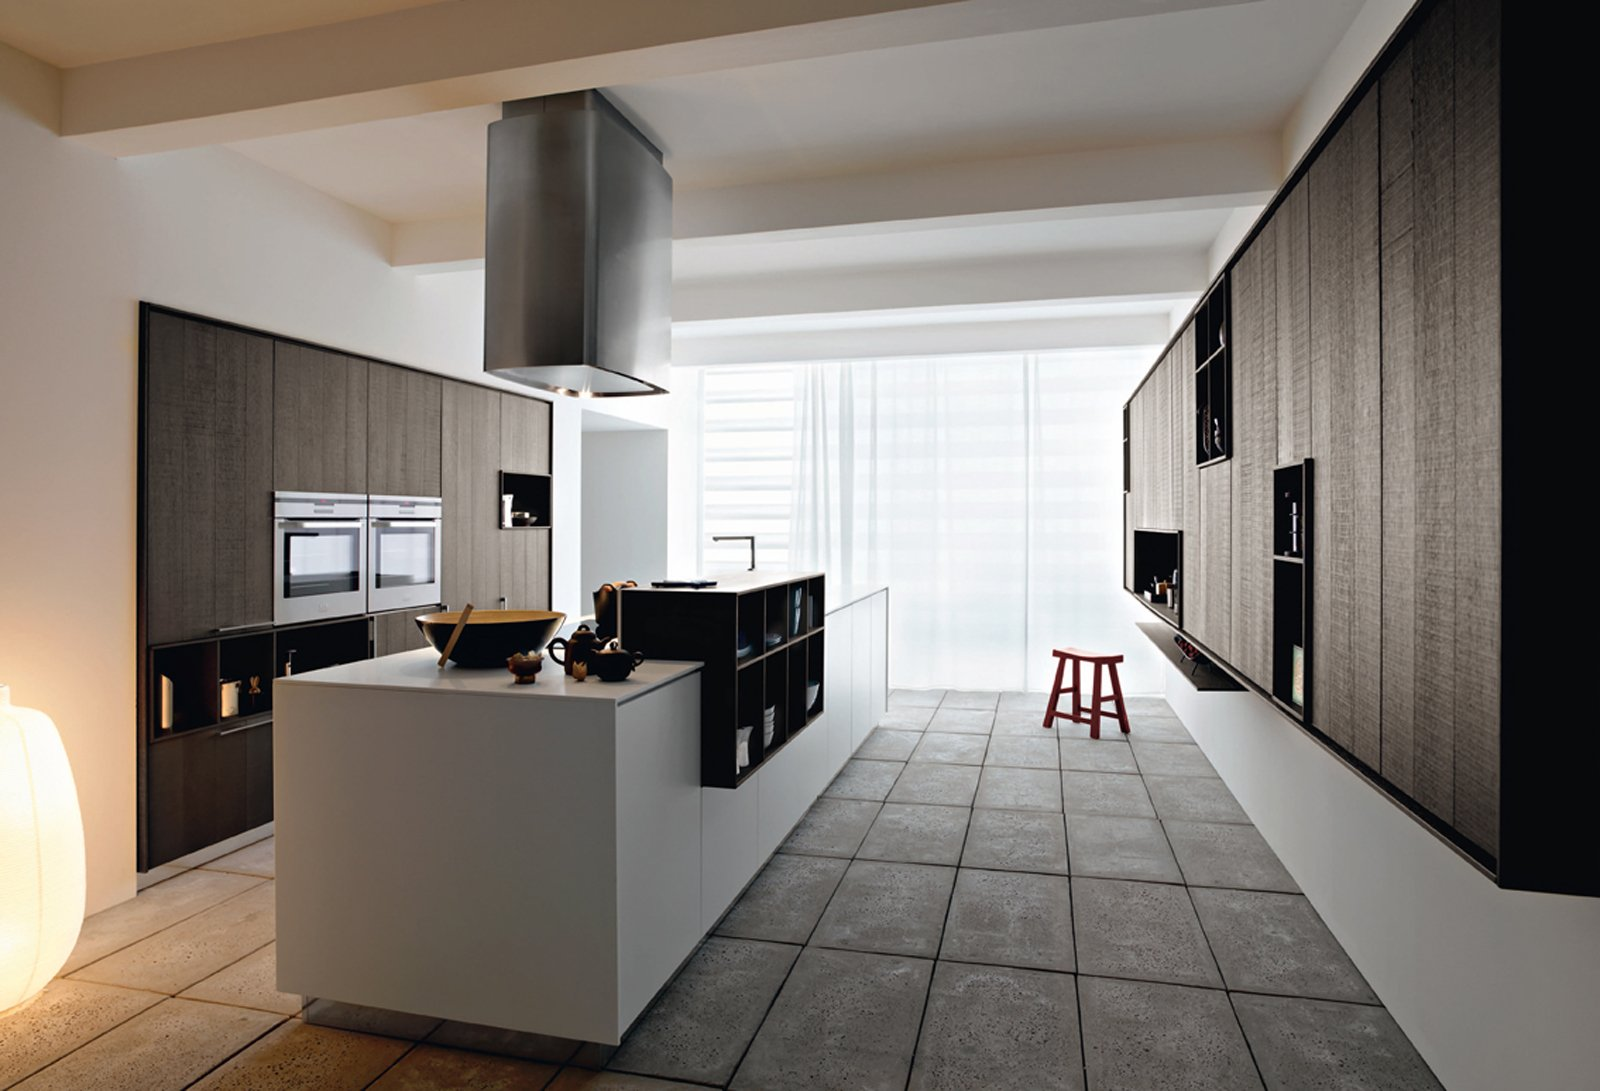 Cucine con isola cose di casa - Cucina con penisola centrale ...